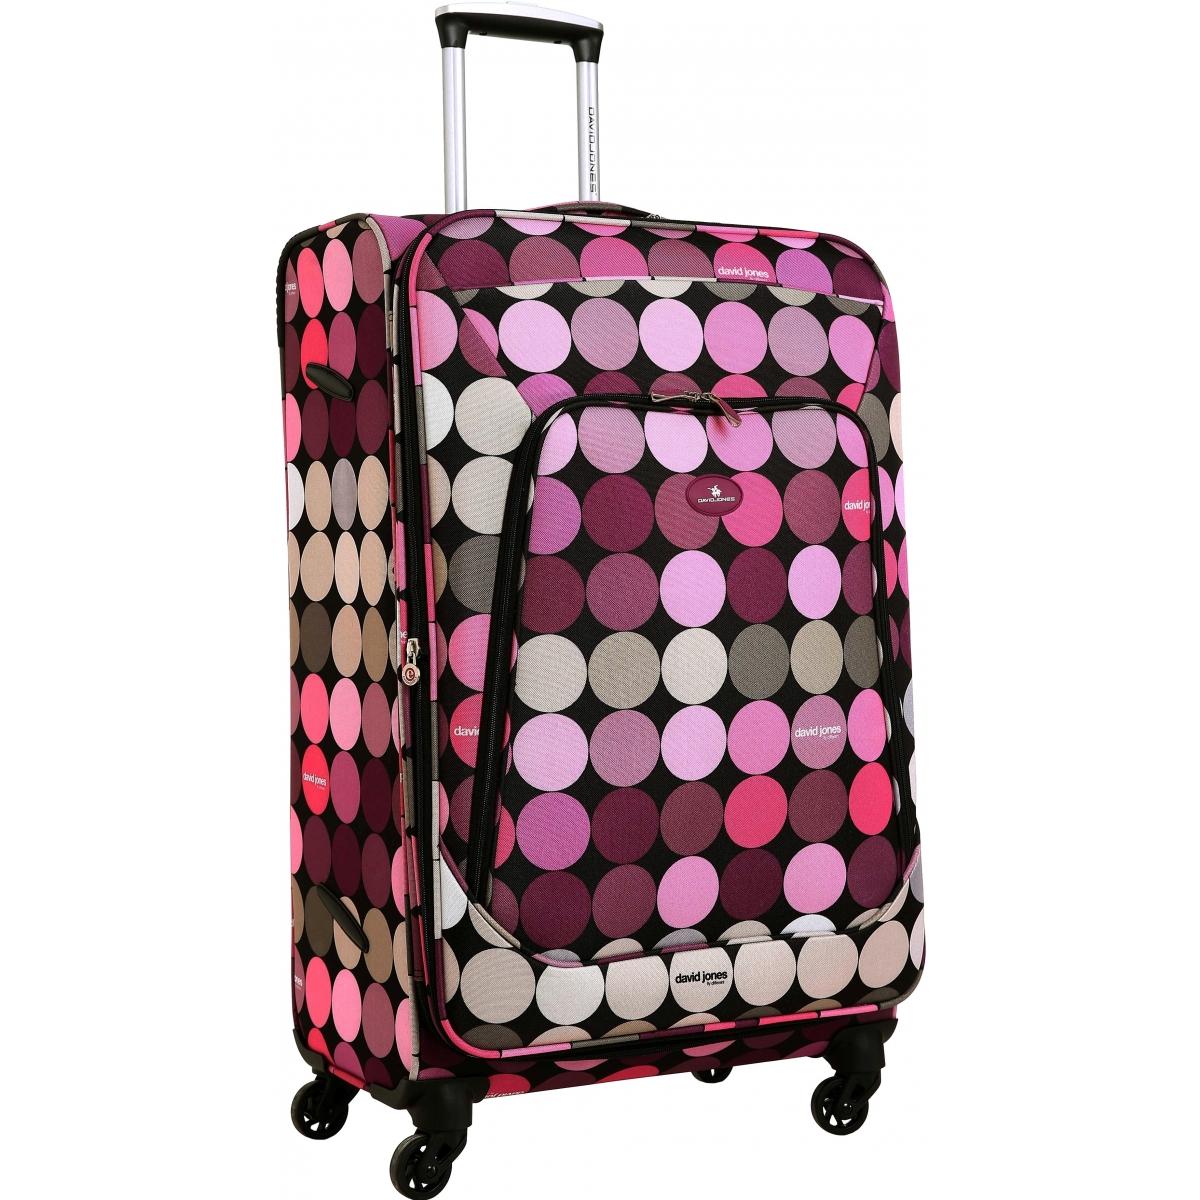 valise souple extensible david jones taille m 67 cm ba50391m couleur principale rond. Black Bedroom Furniture Sets. Home Design Ideas